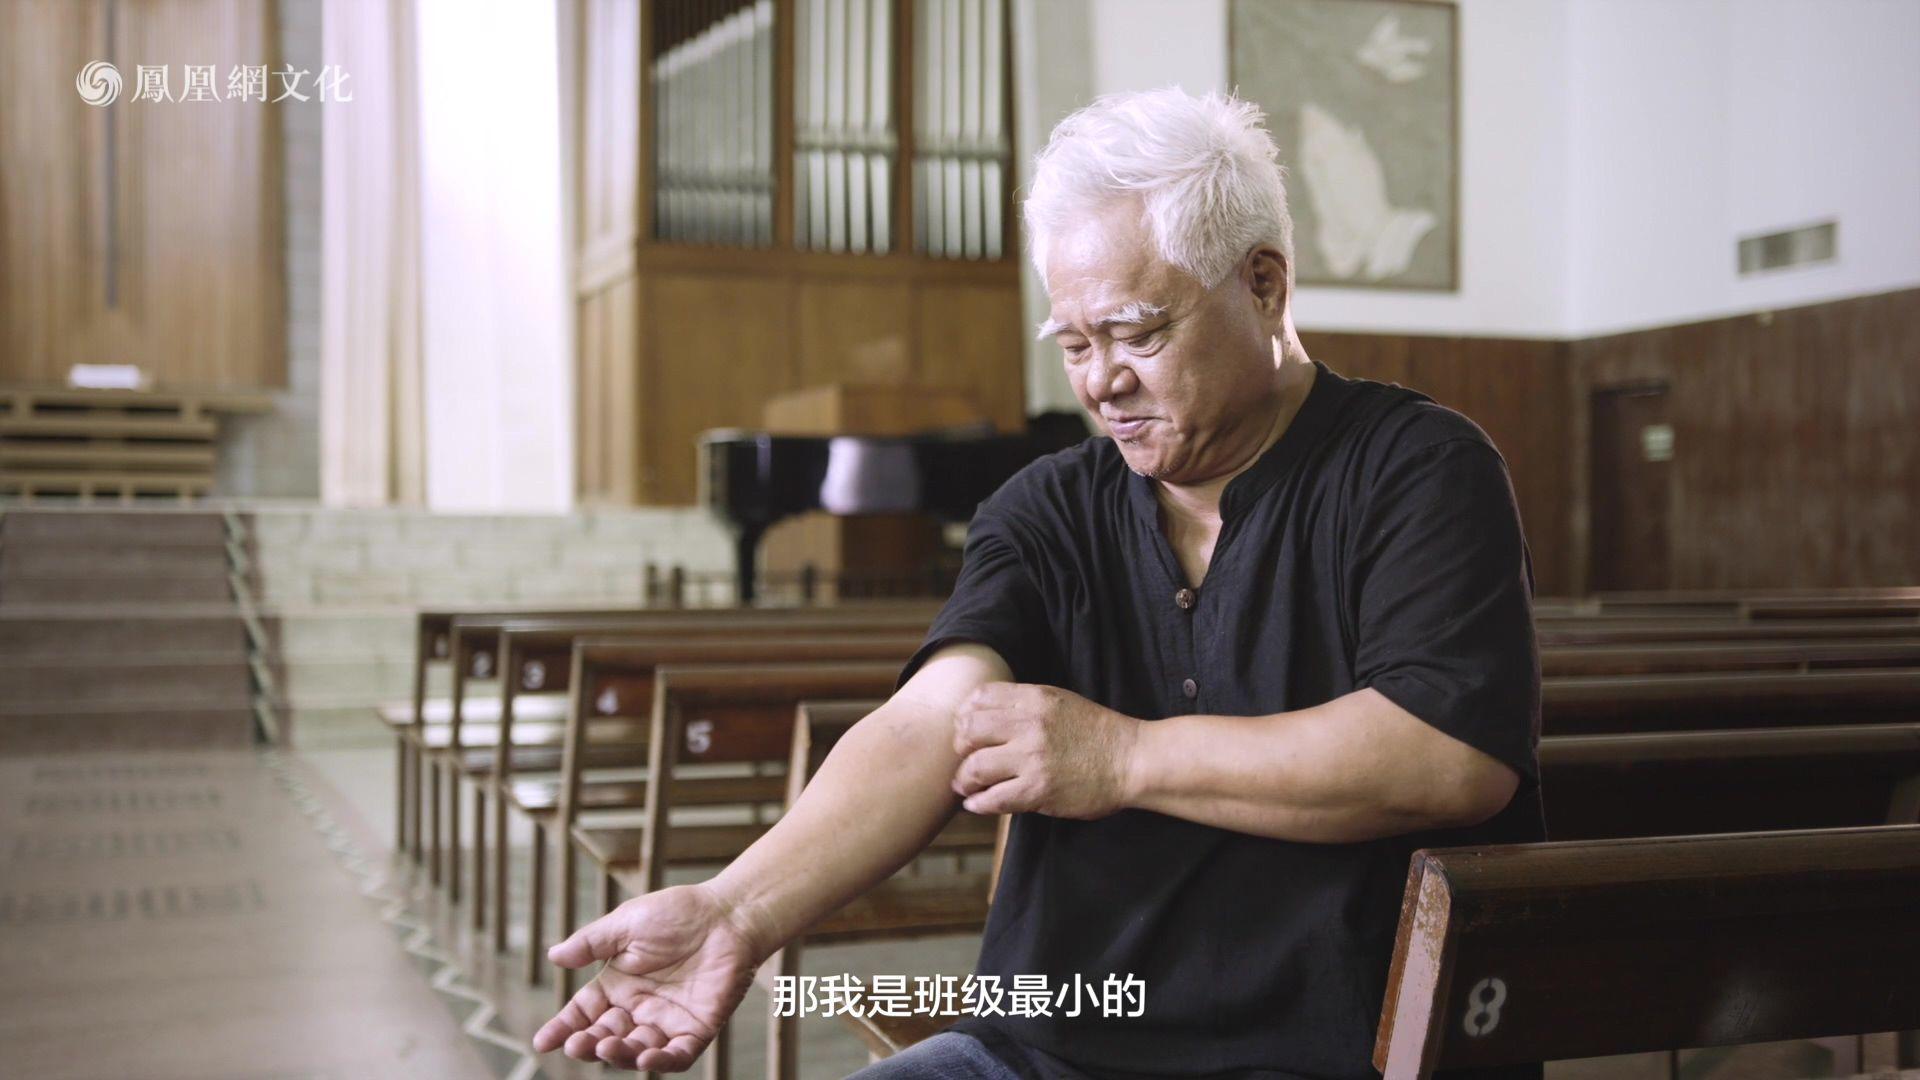 胡德夫演绎经典《送别》 张艾嘉惊叹:他是天生的歌手